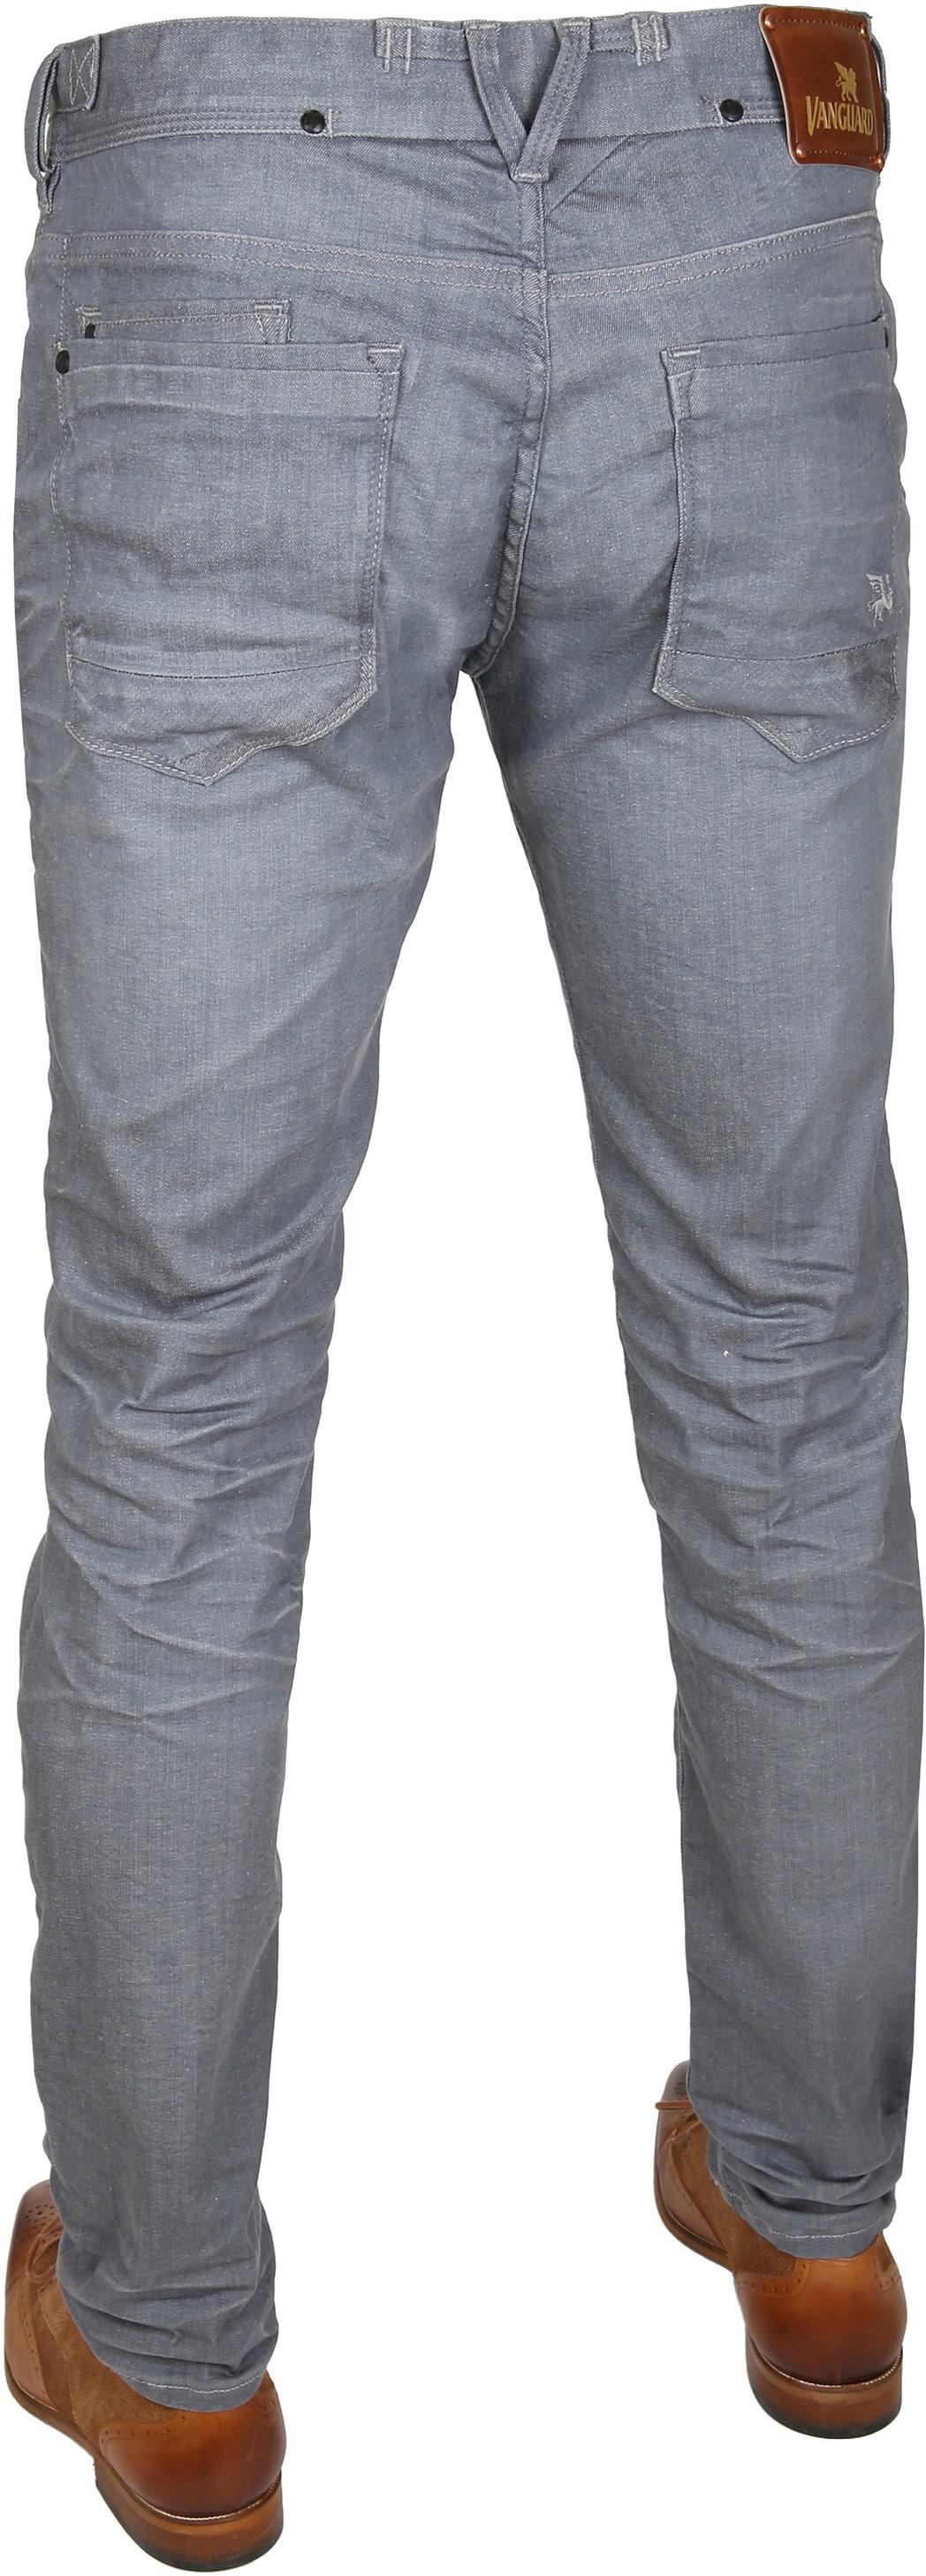 Vanguard V8 Racer Jeans Bleached Dark Grey foto 3